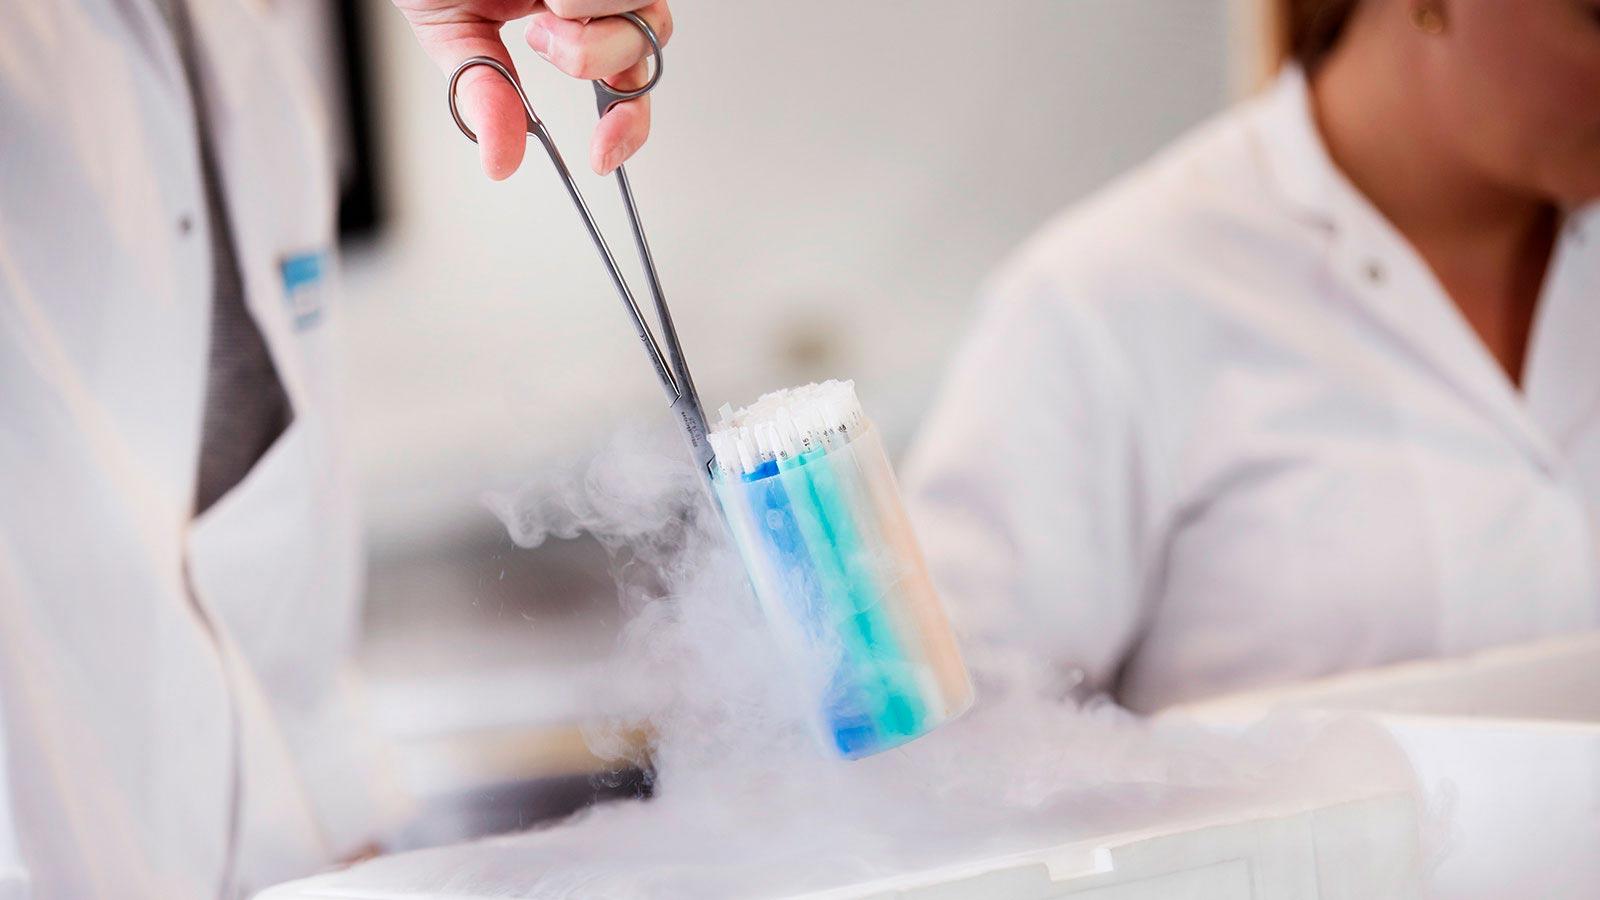 Cryos laboratory